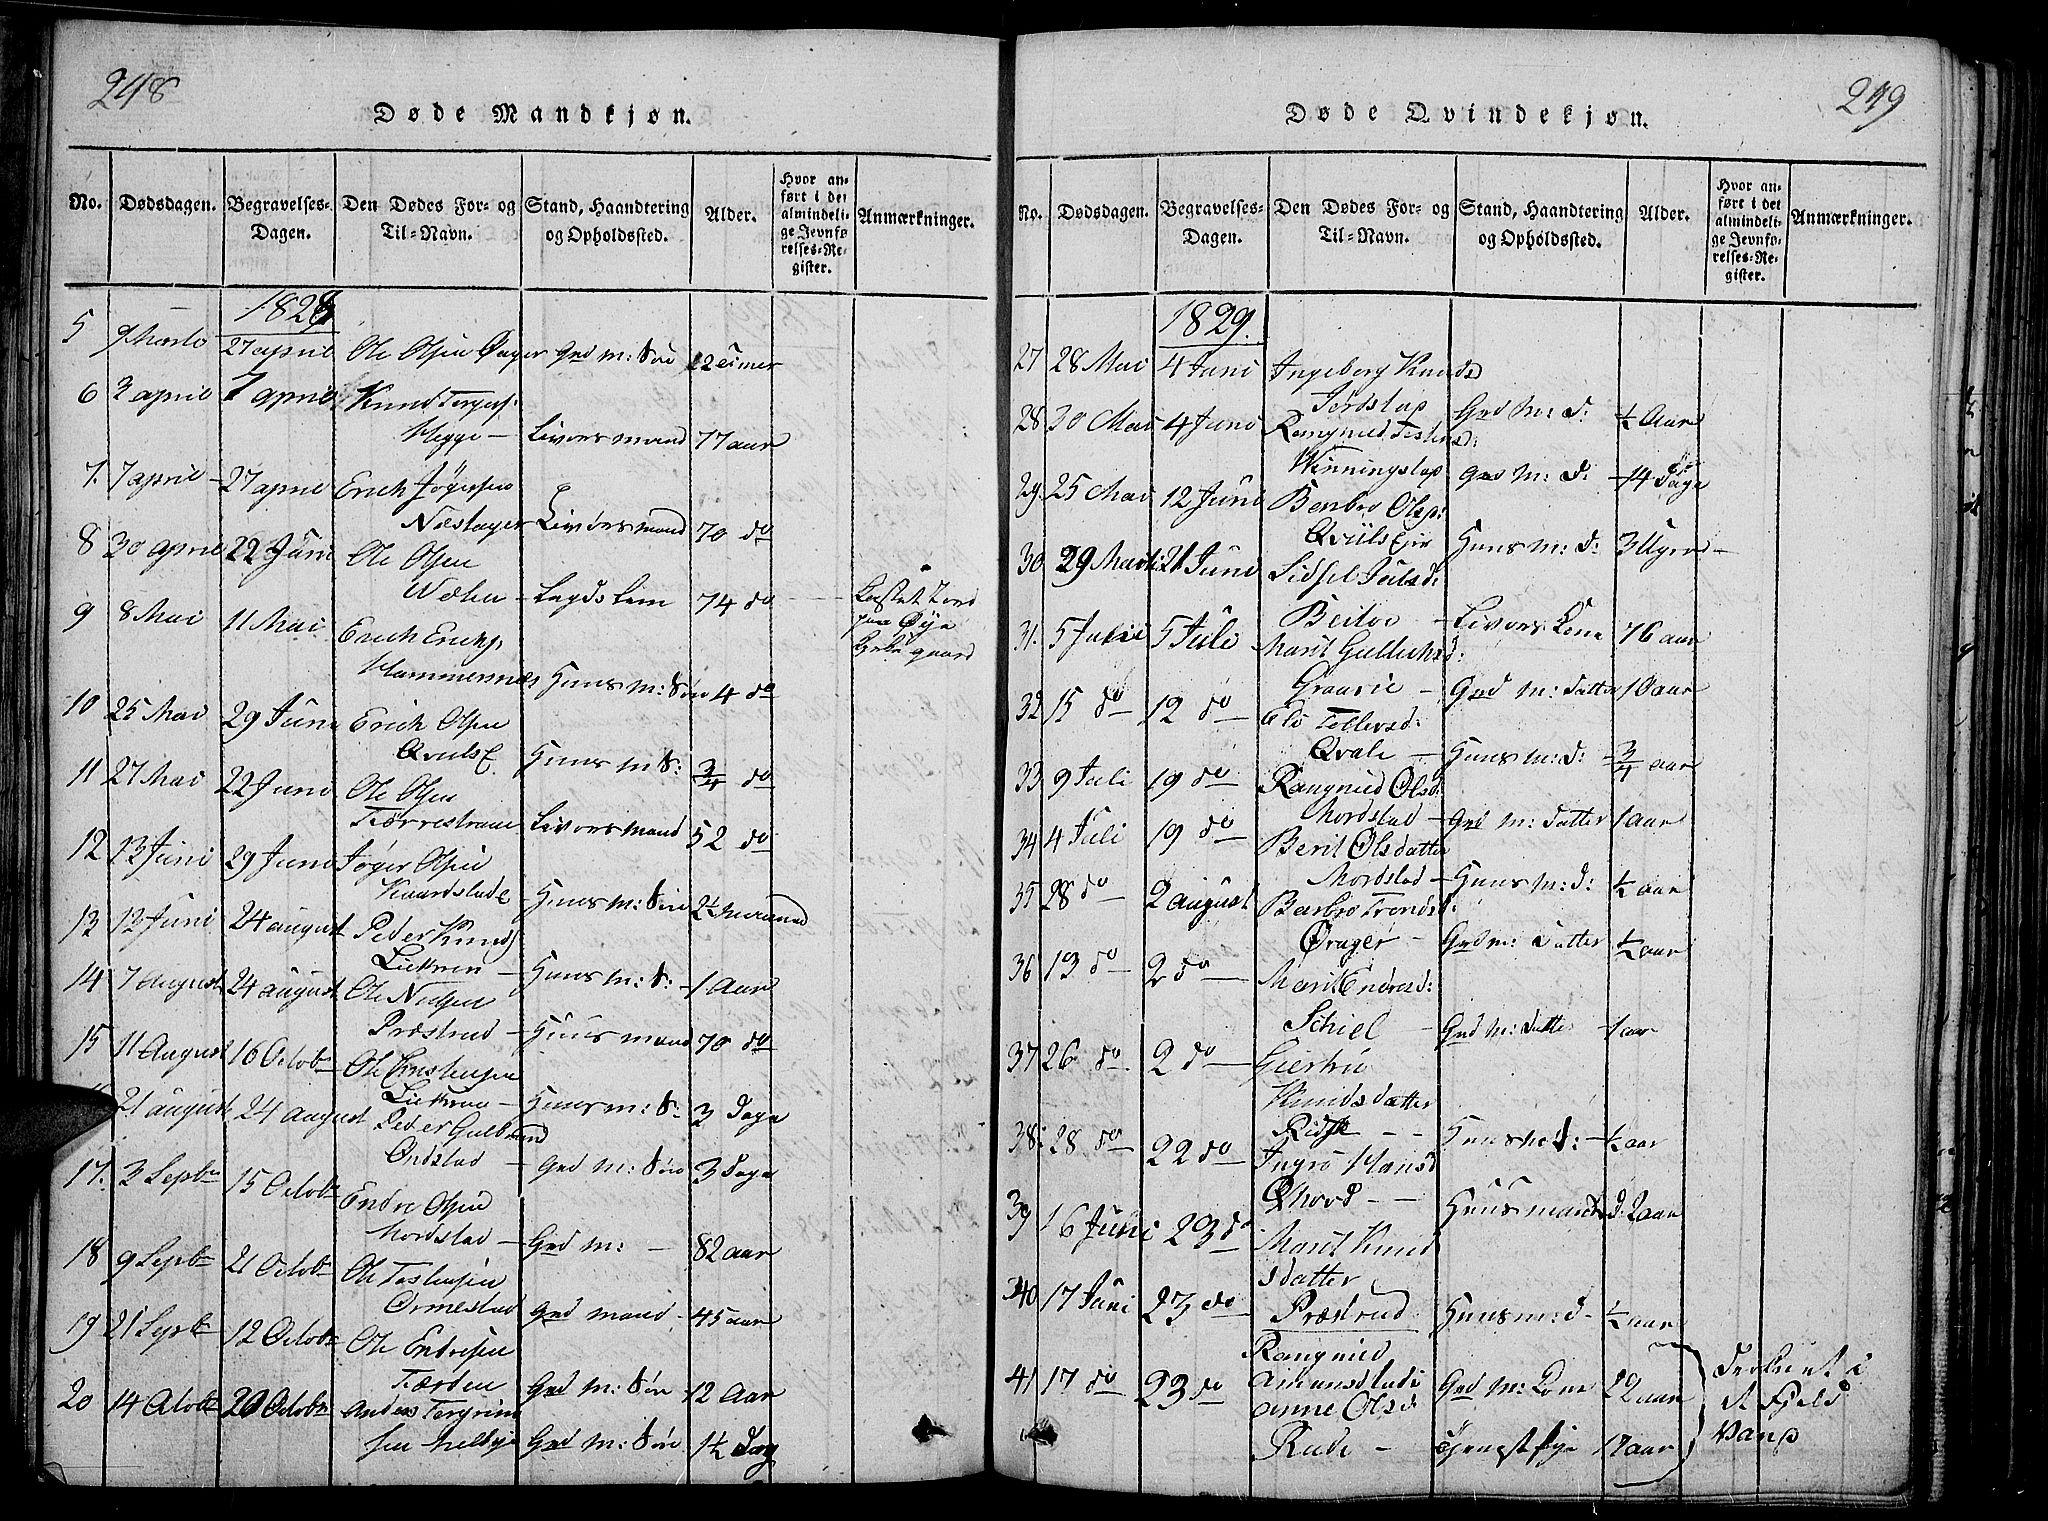 SAH, Slidre prestekontor, Ministerialbok nr. 2, 1814-1830, s. 248-249